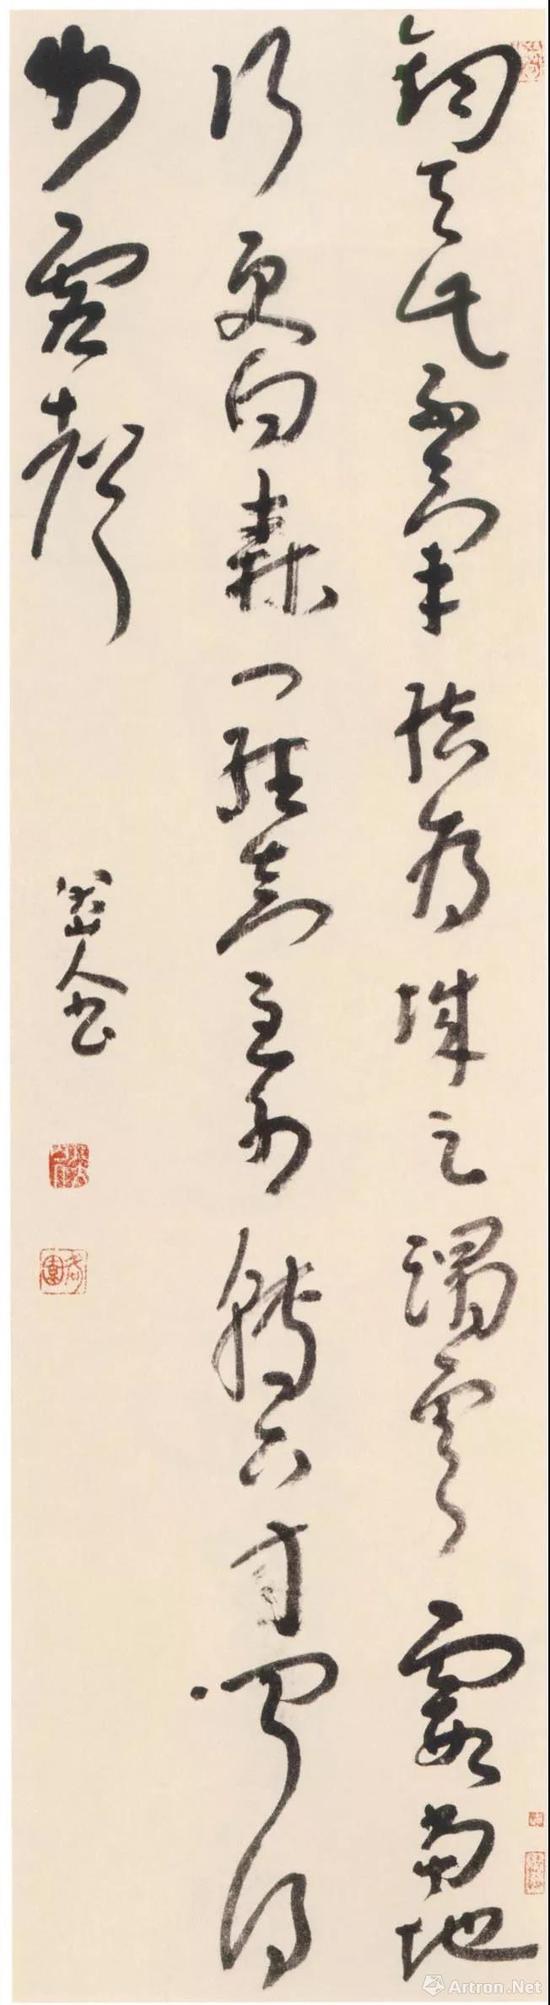 朱耷《草书七绝诗轴》纸本草书 151.5×41cm 北京市文物商店藏